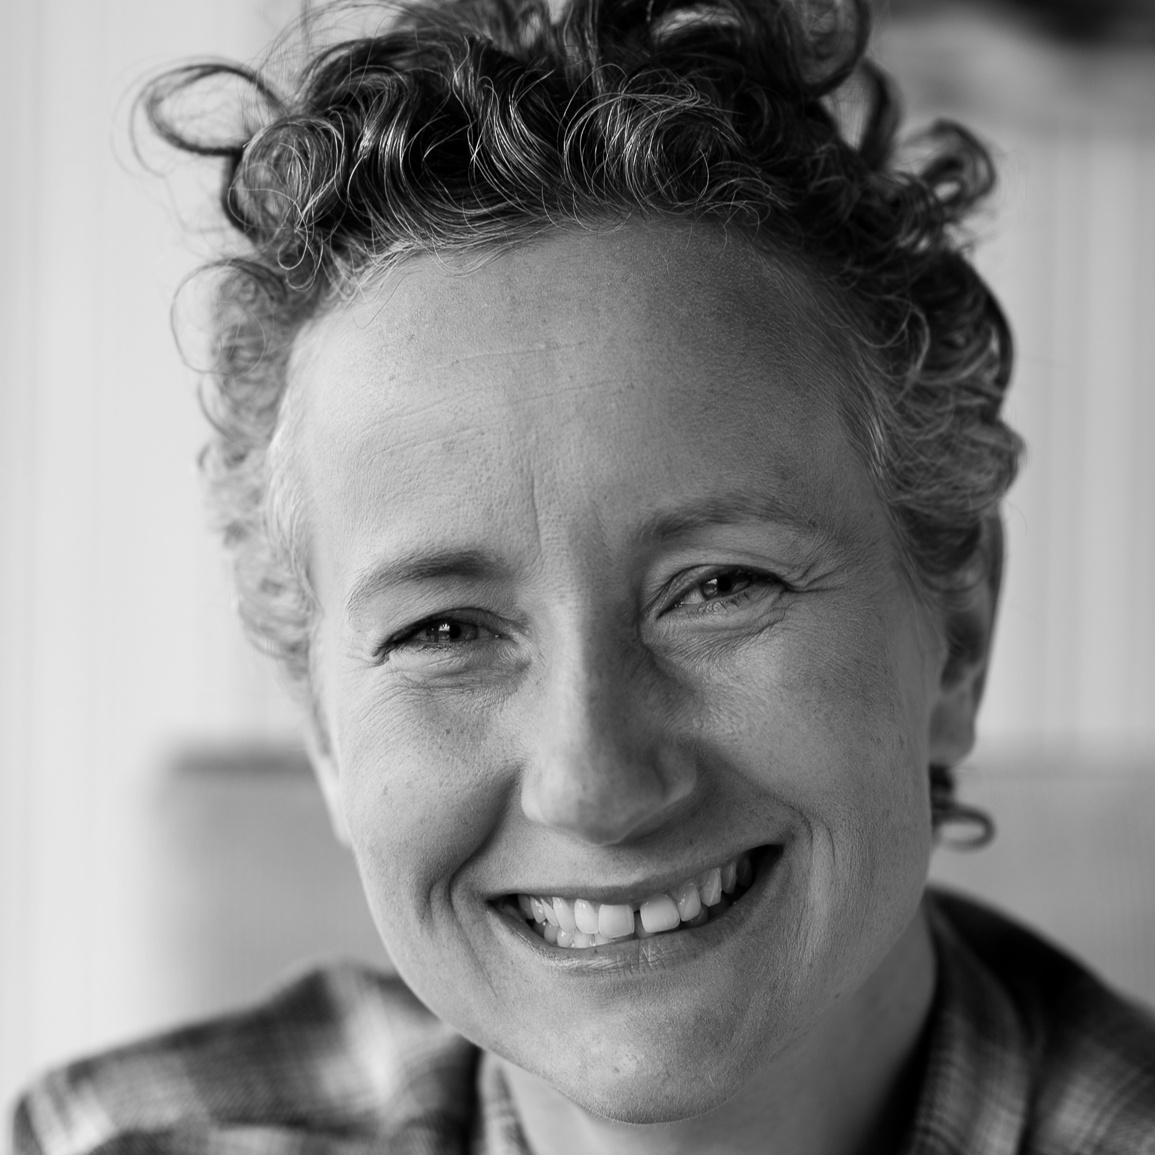 Julie Forchhammer (Vinjerock)